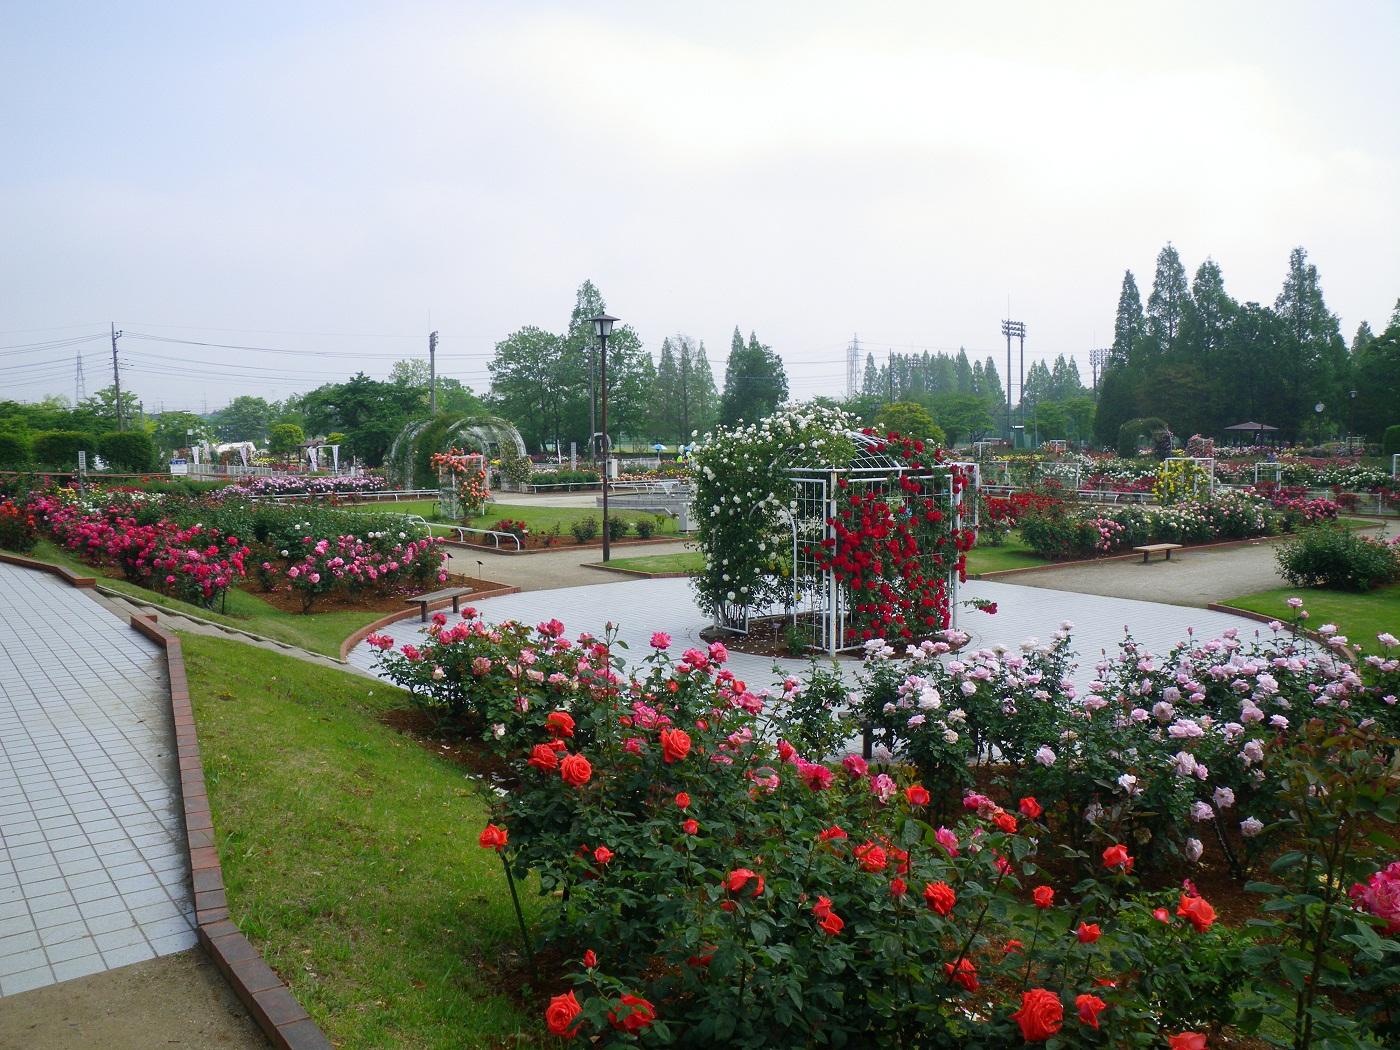 園路は広めで、ゆっくりとバラを楽しめそう。